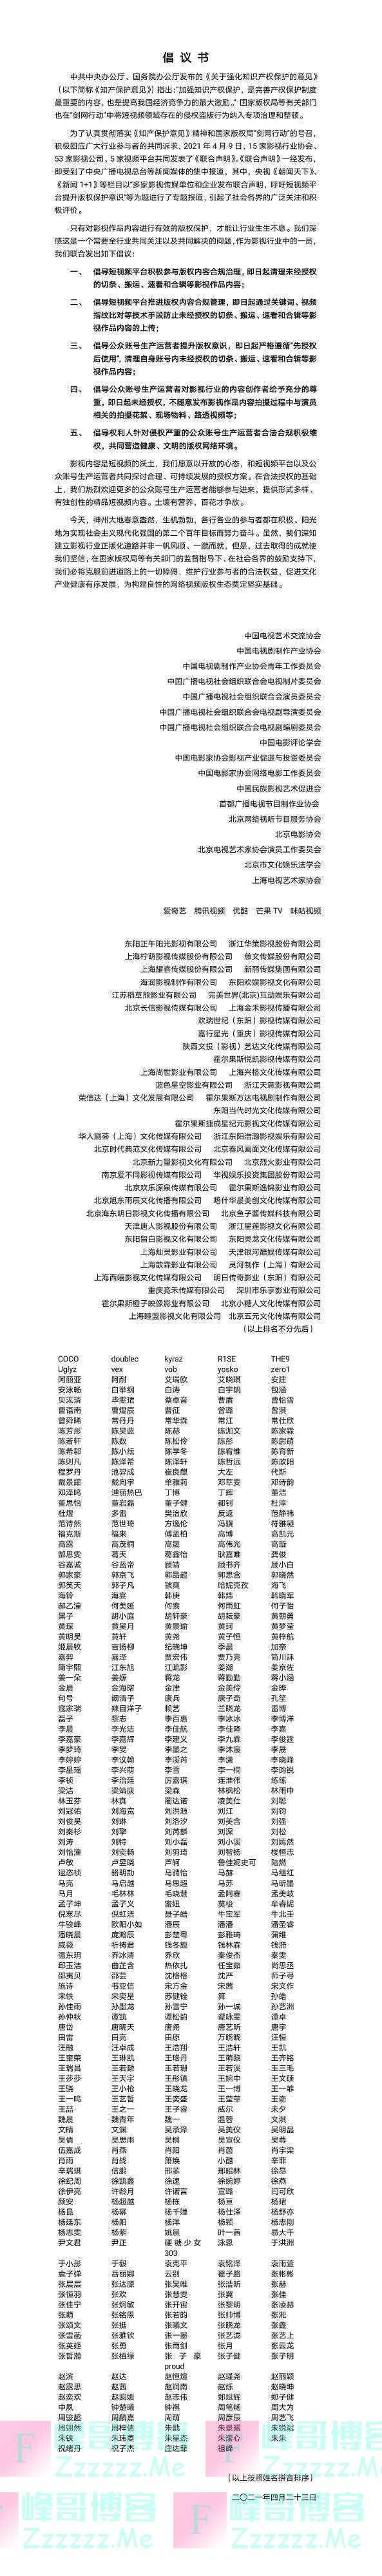 杨幂赵丽颖杨颖等500多艺人集体喊话,二创影视作品要凉?